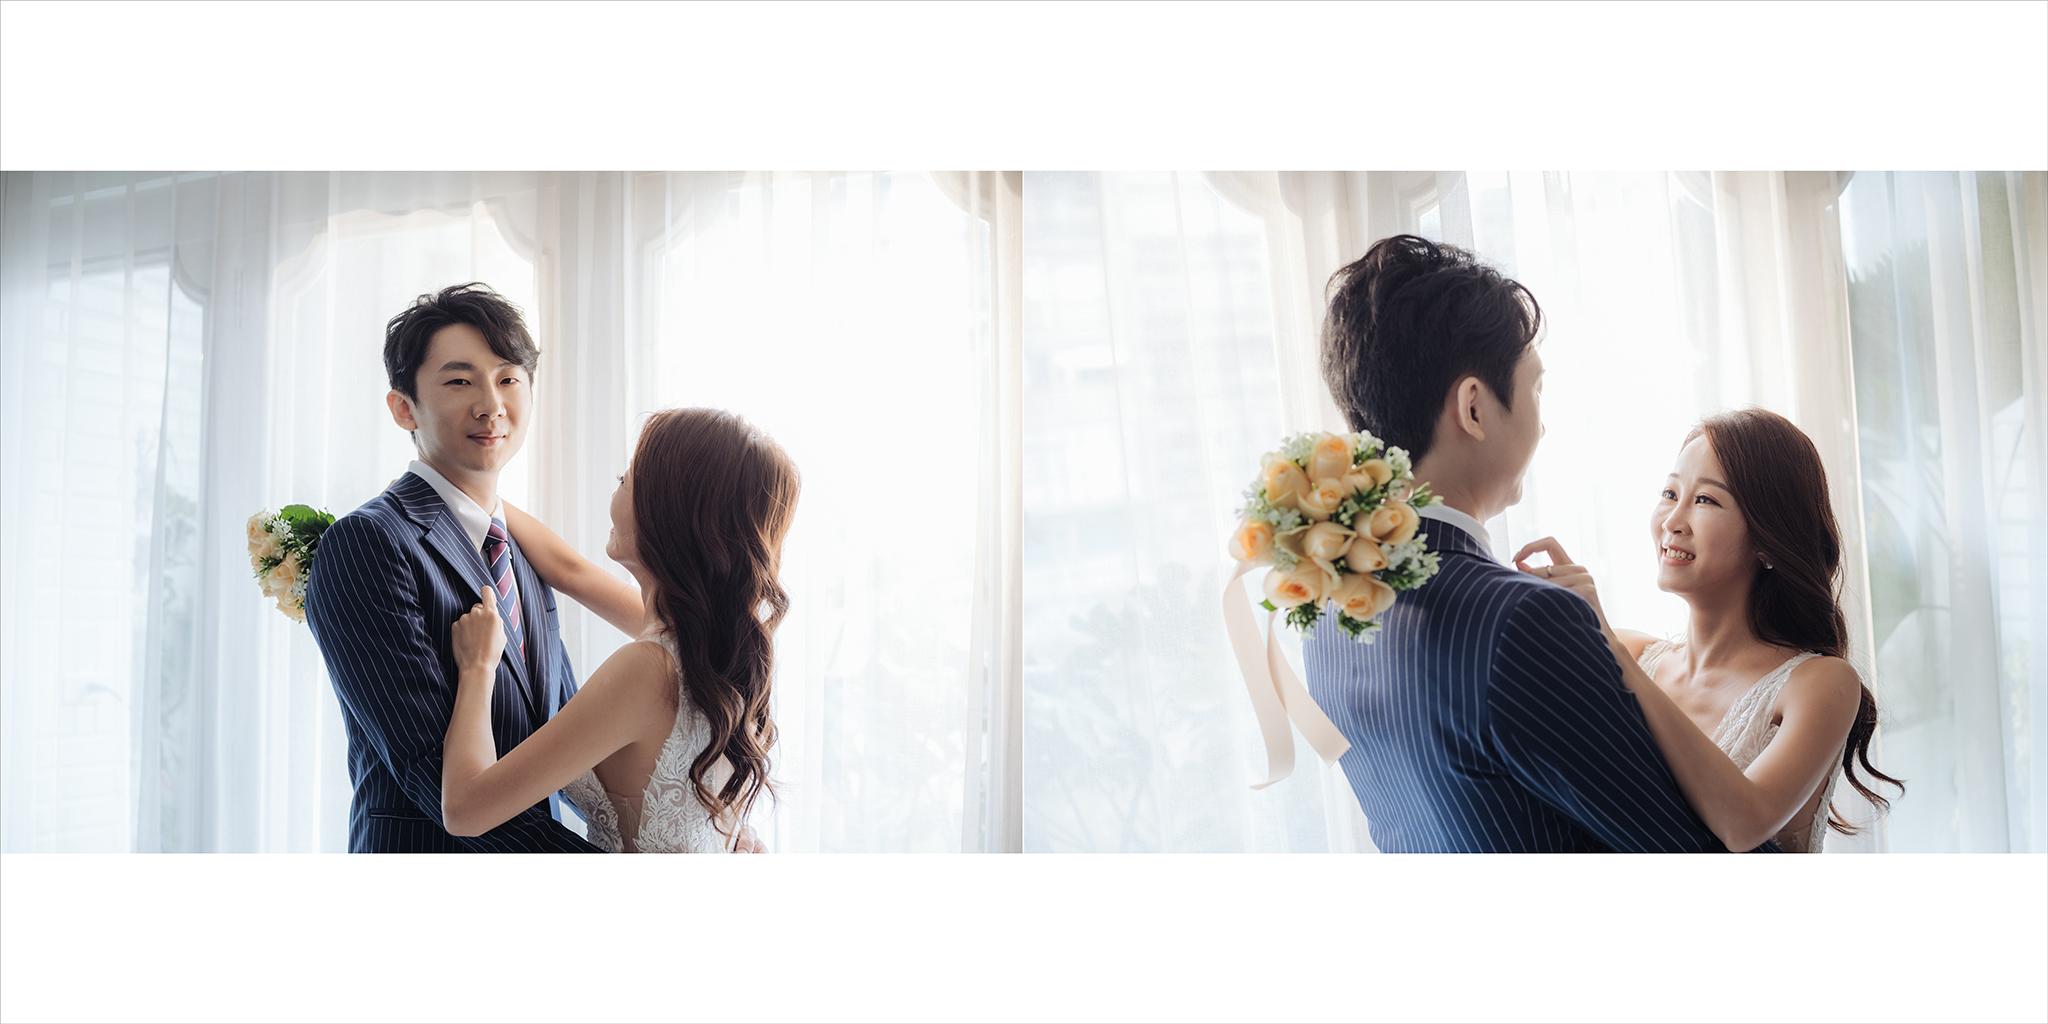 51008344368 458c8736c4 o - 【自主婚紗】+于鈞&勁蒼+